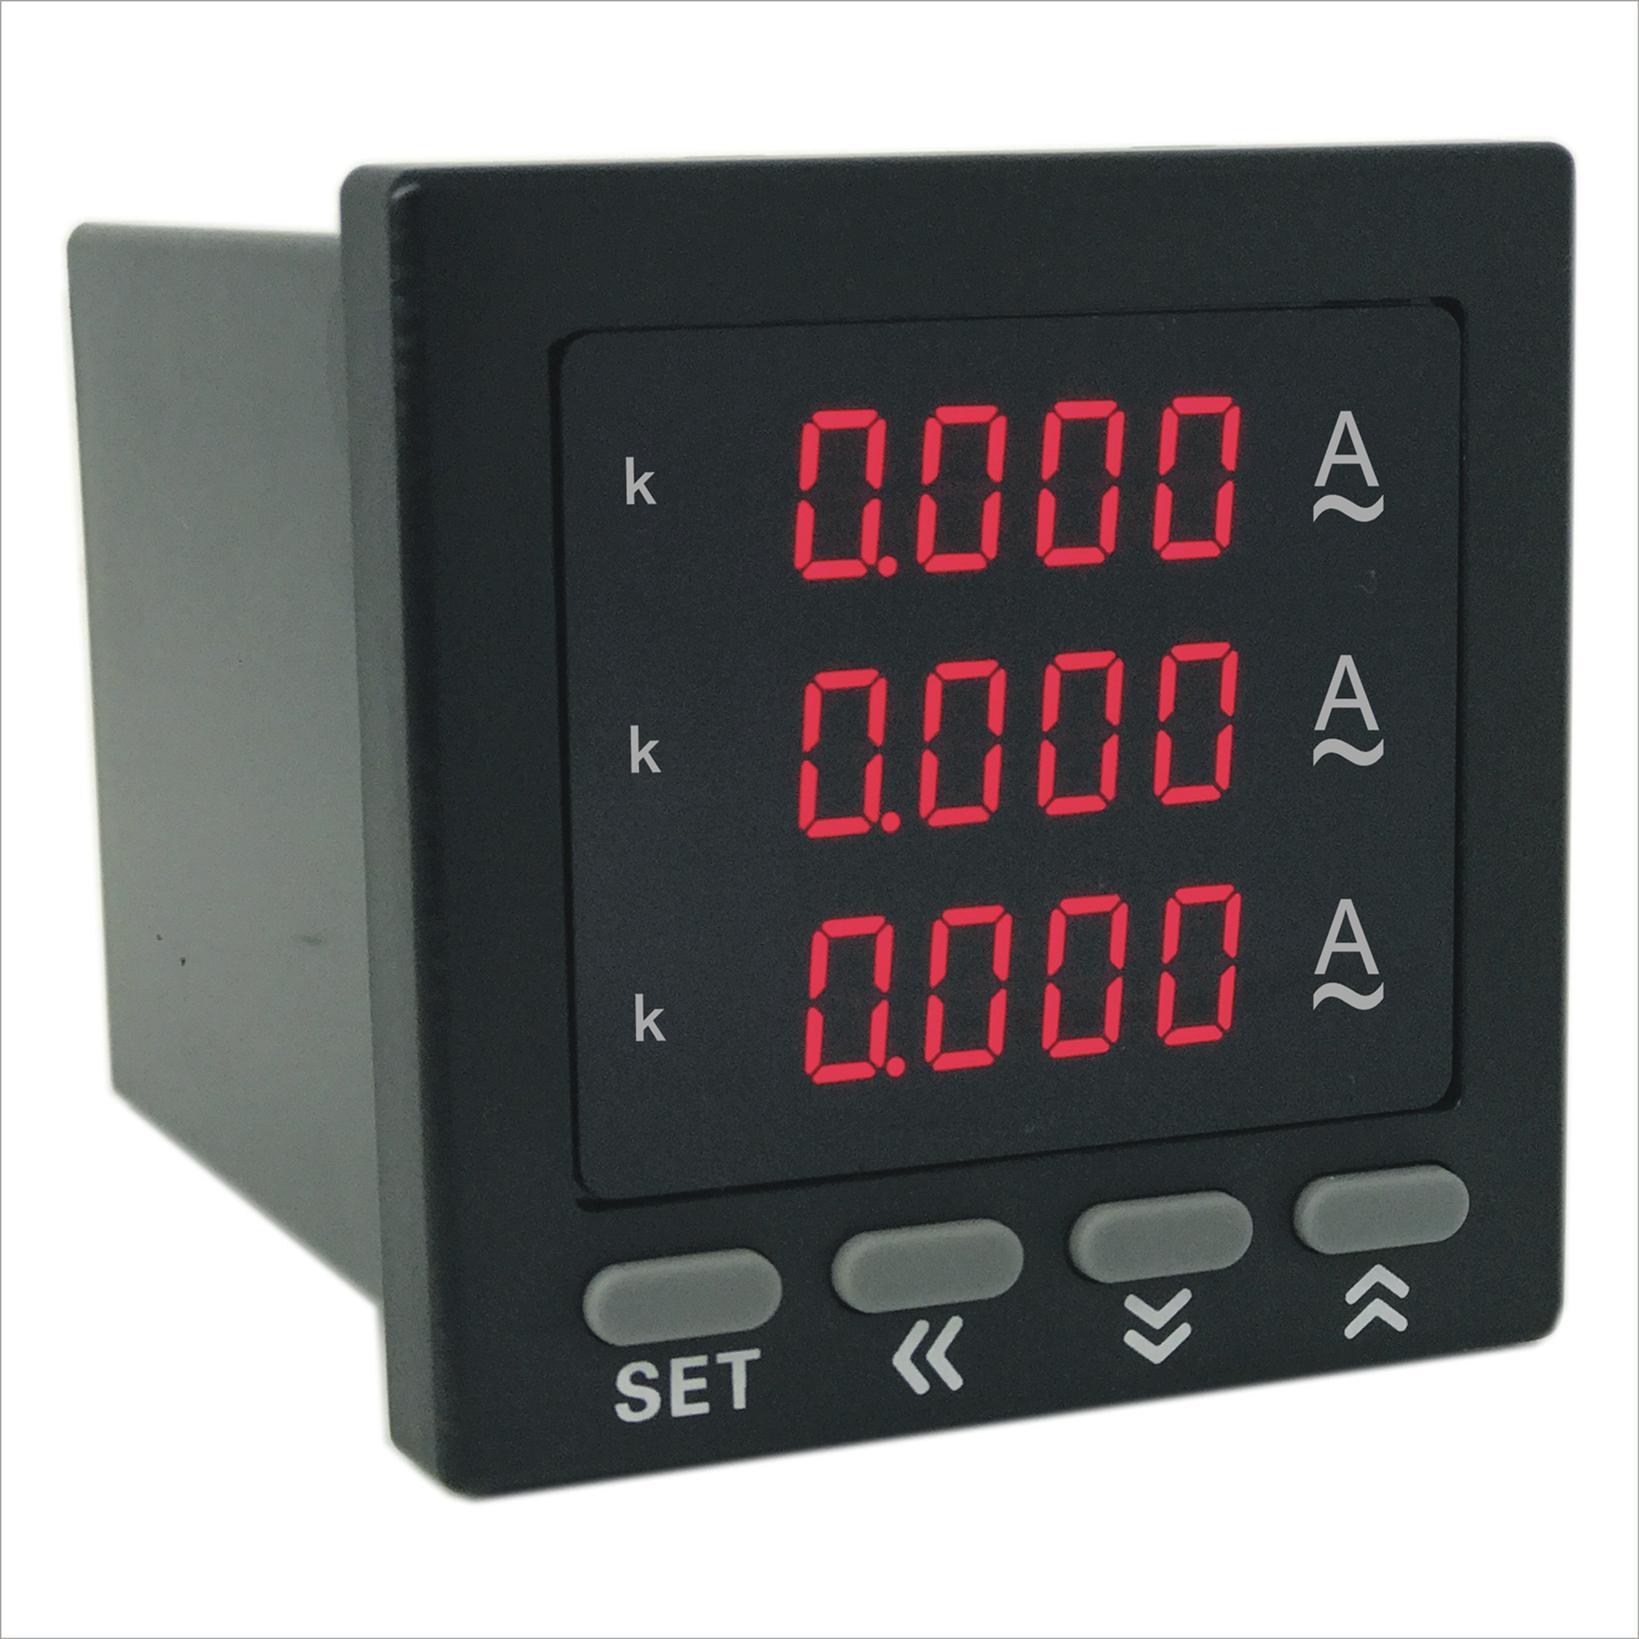 奥宾AOB184Z-9X4-3I数显三相电流表制造商 产品有质量保证